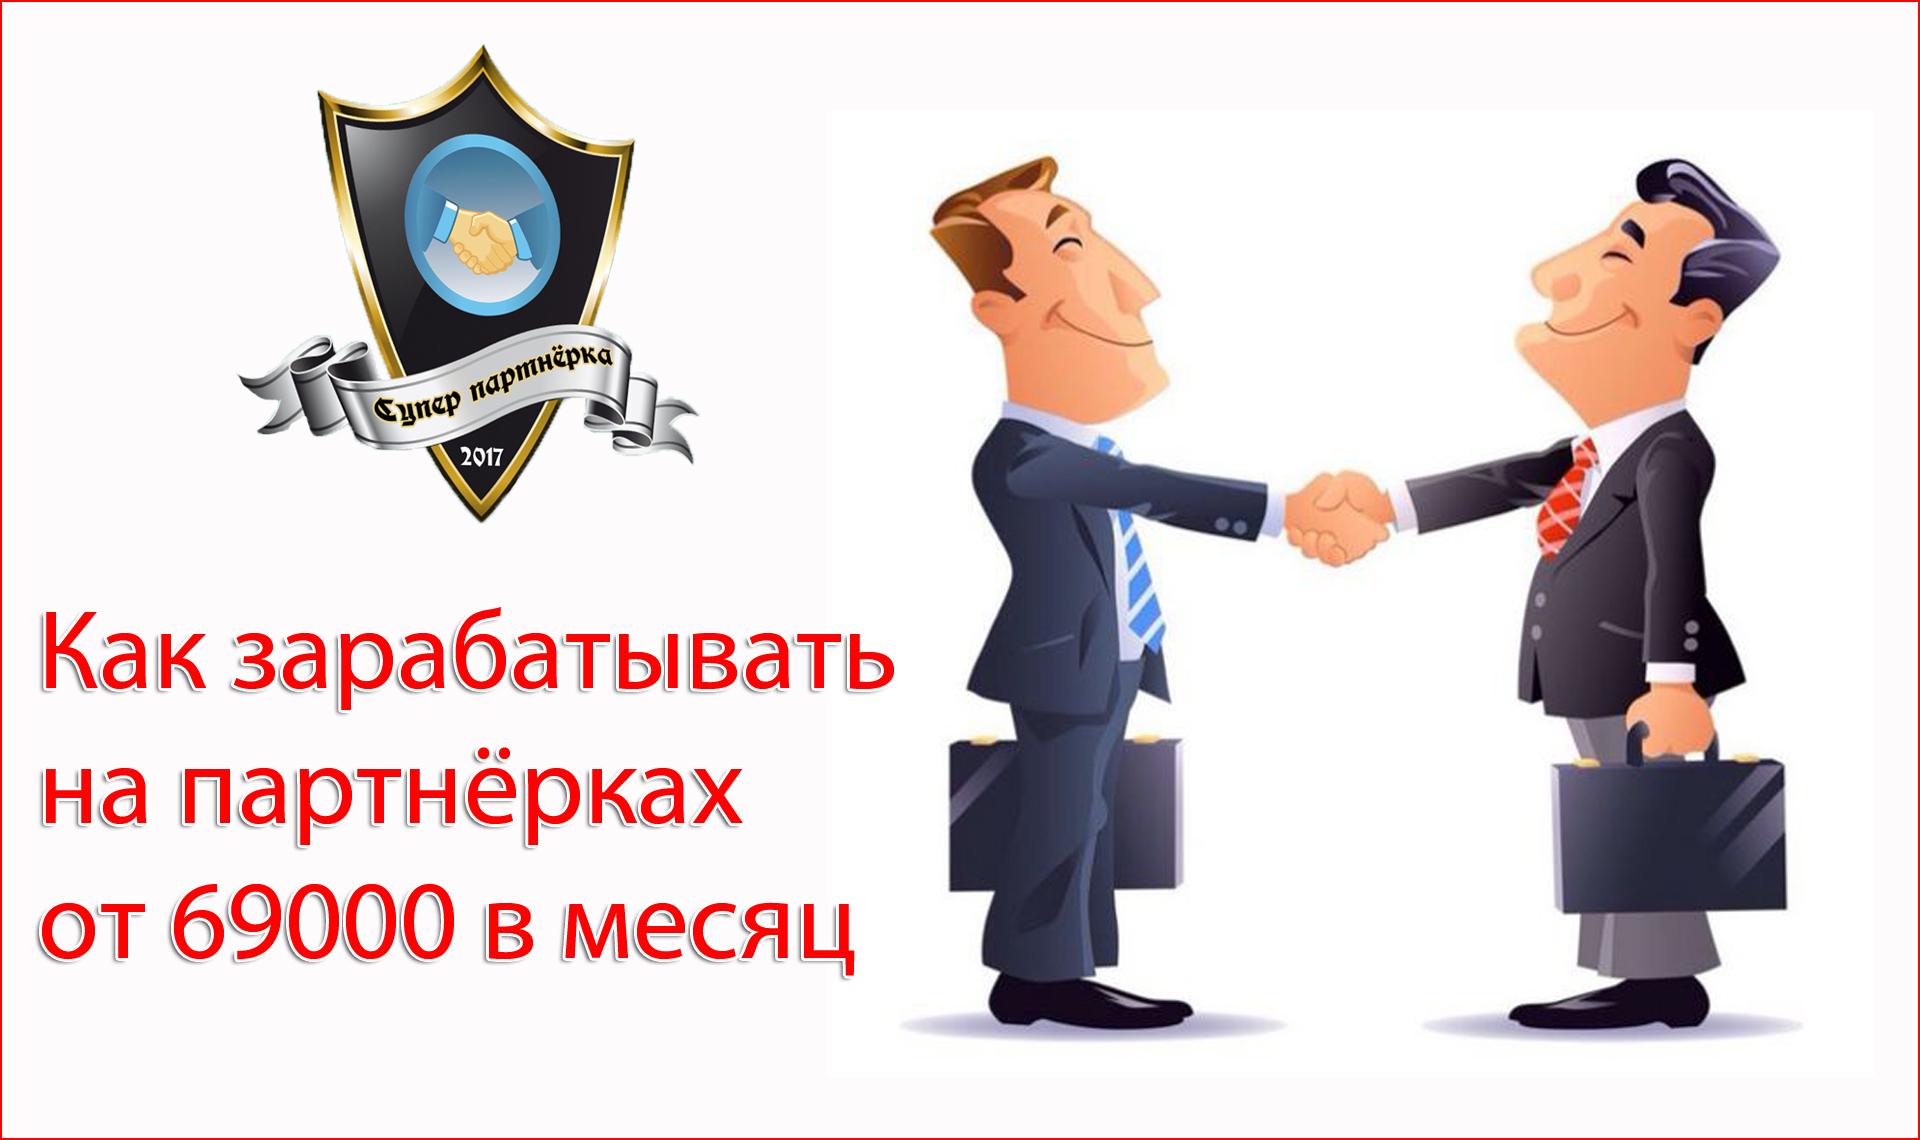 http://s2.uploads.ru/7F0HP.jpg